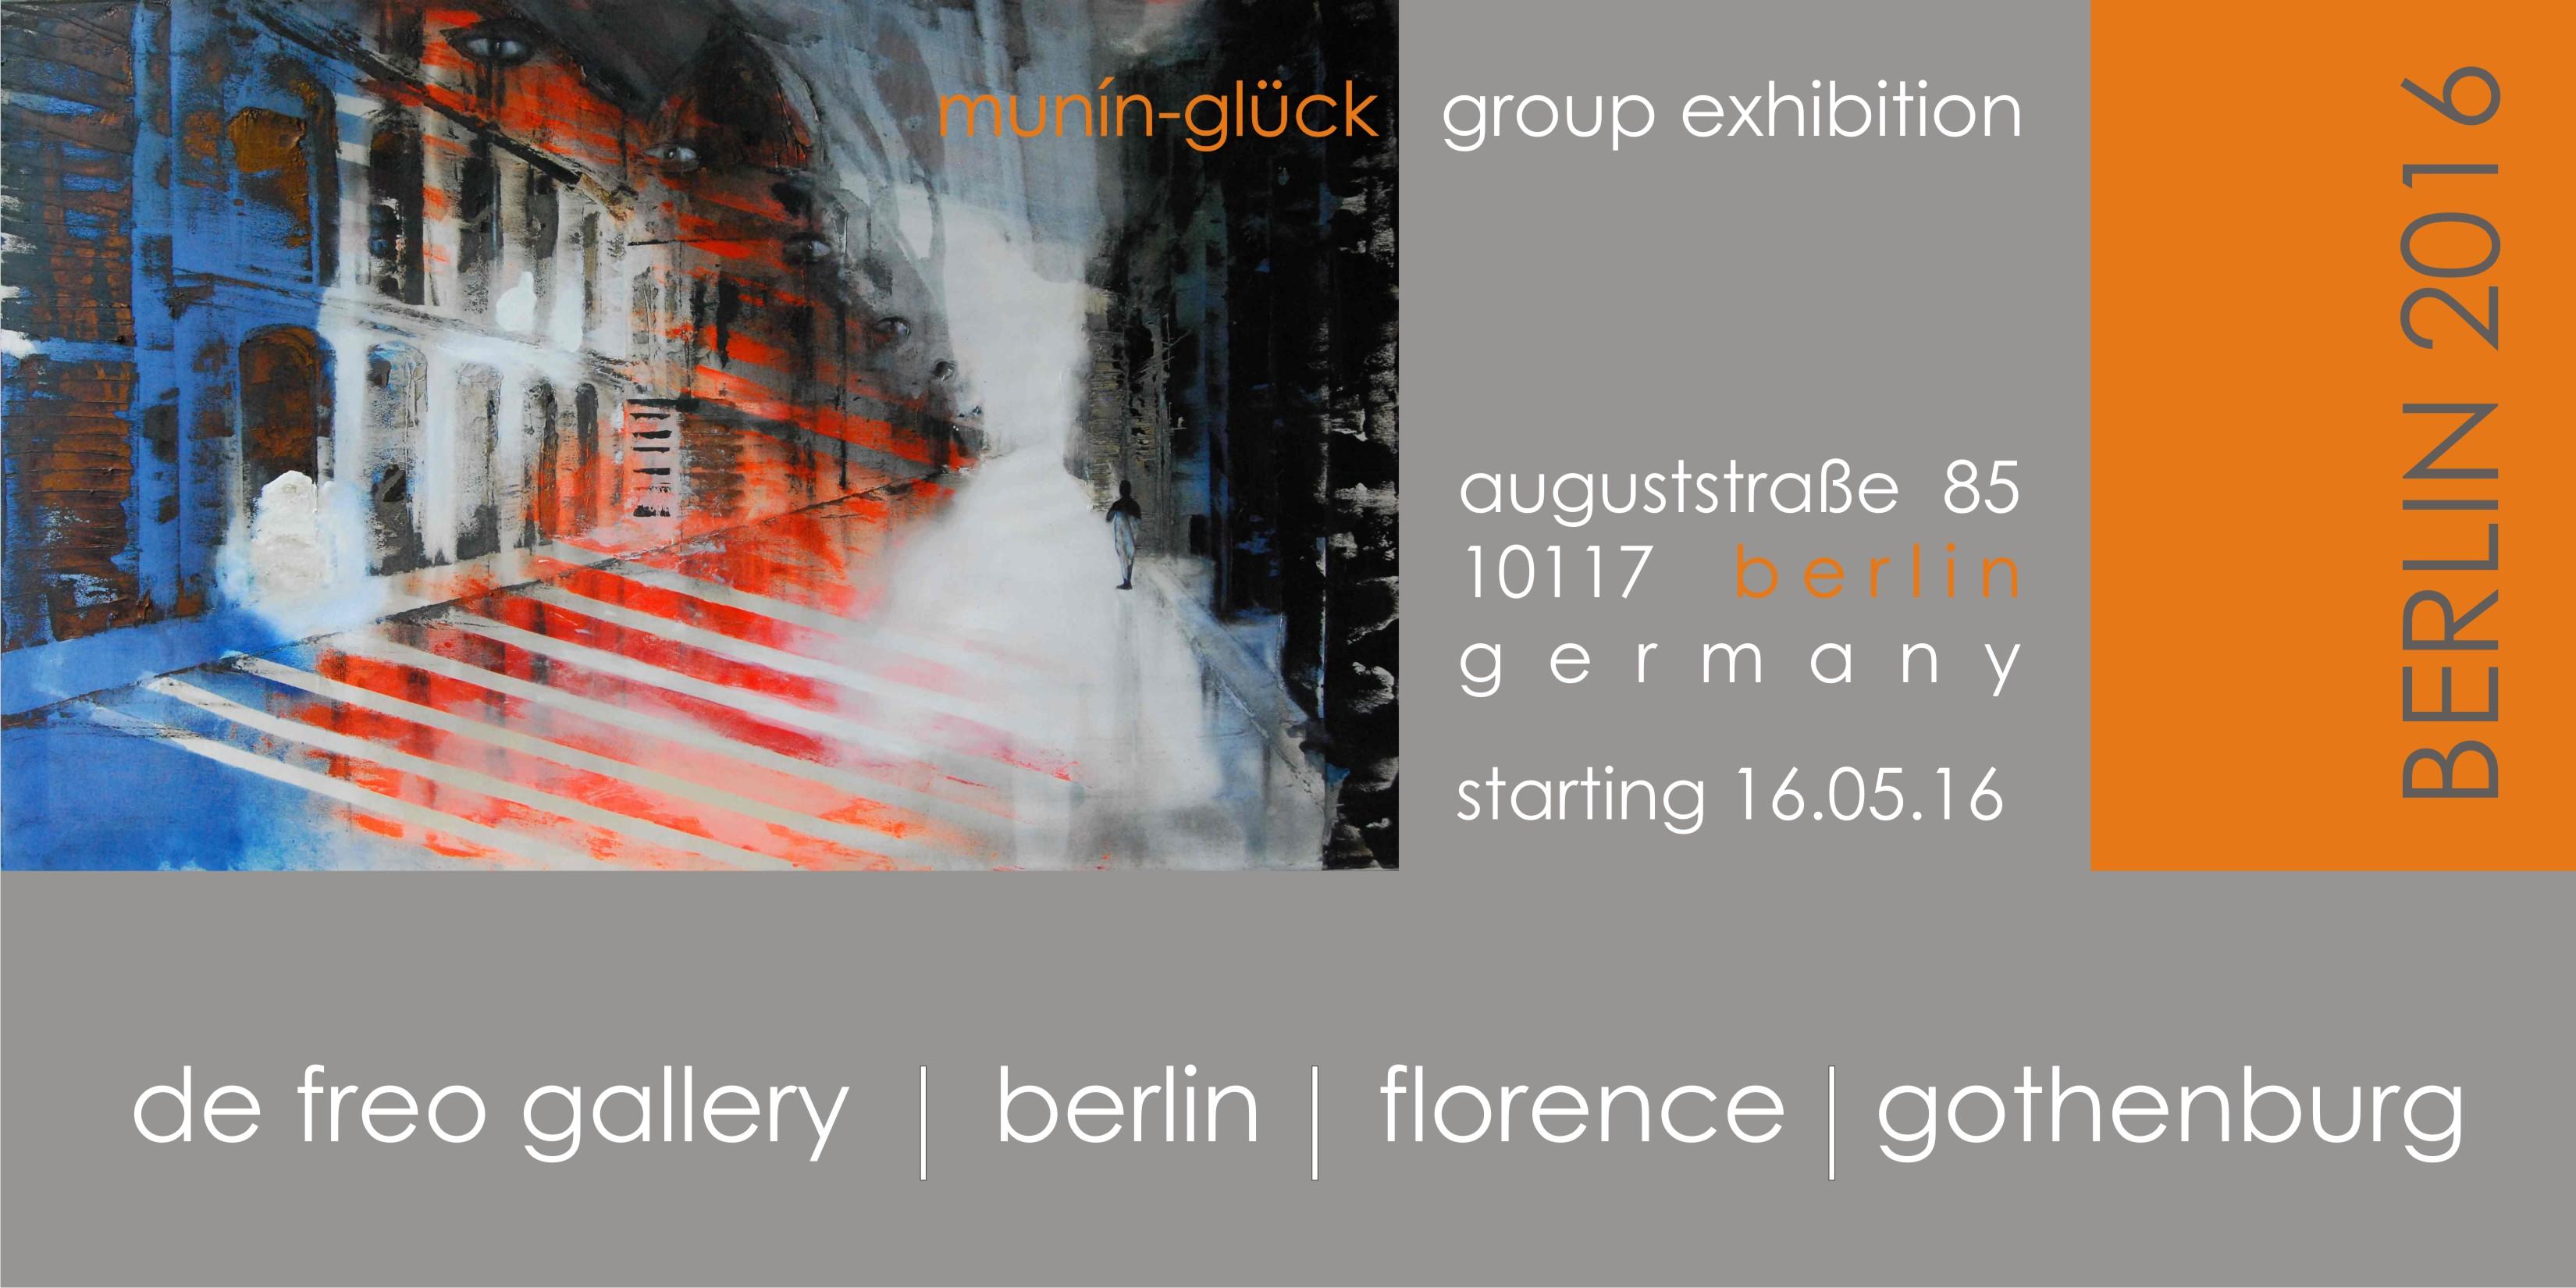 Ausstellung de freo gallery Berlin